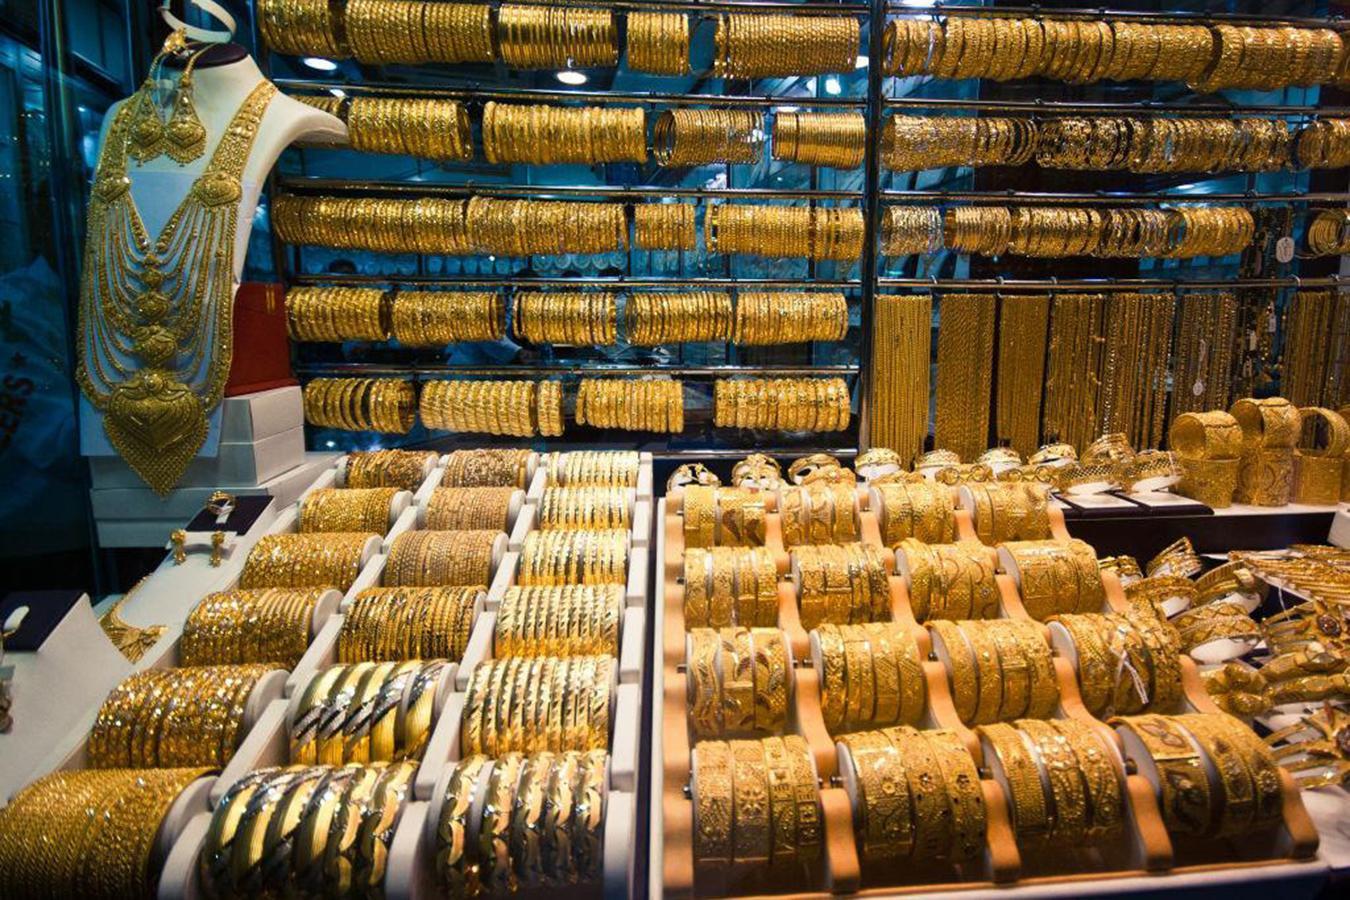 Lóa mắt trước khu chợ toàn bằng vàng ở UAE - Ảnh 9.